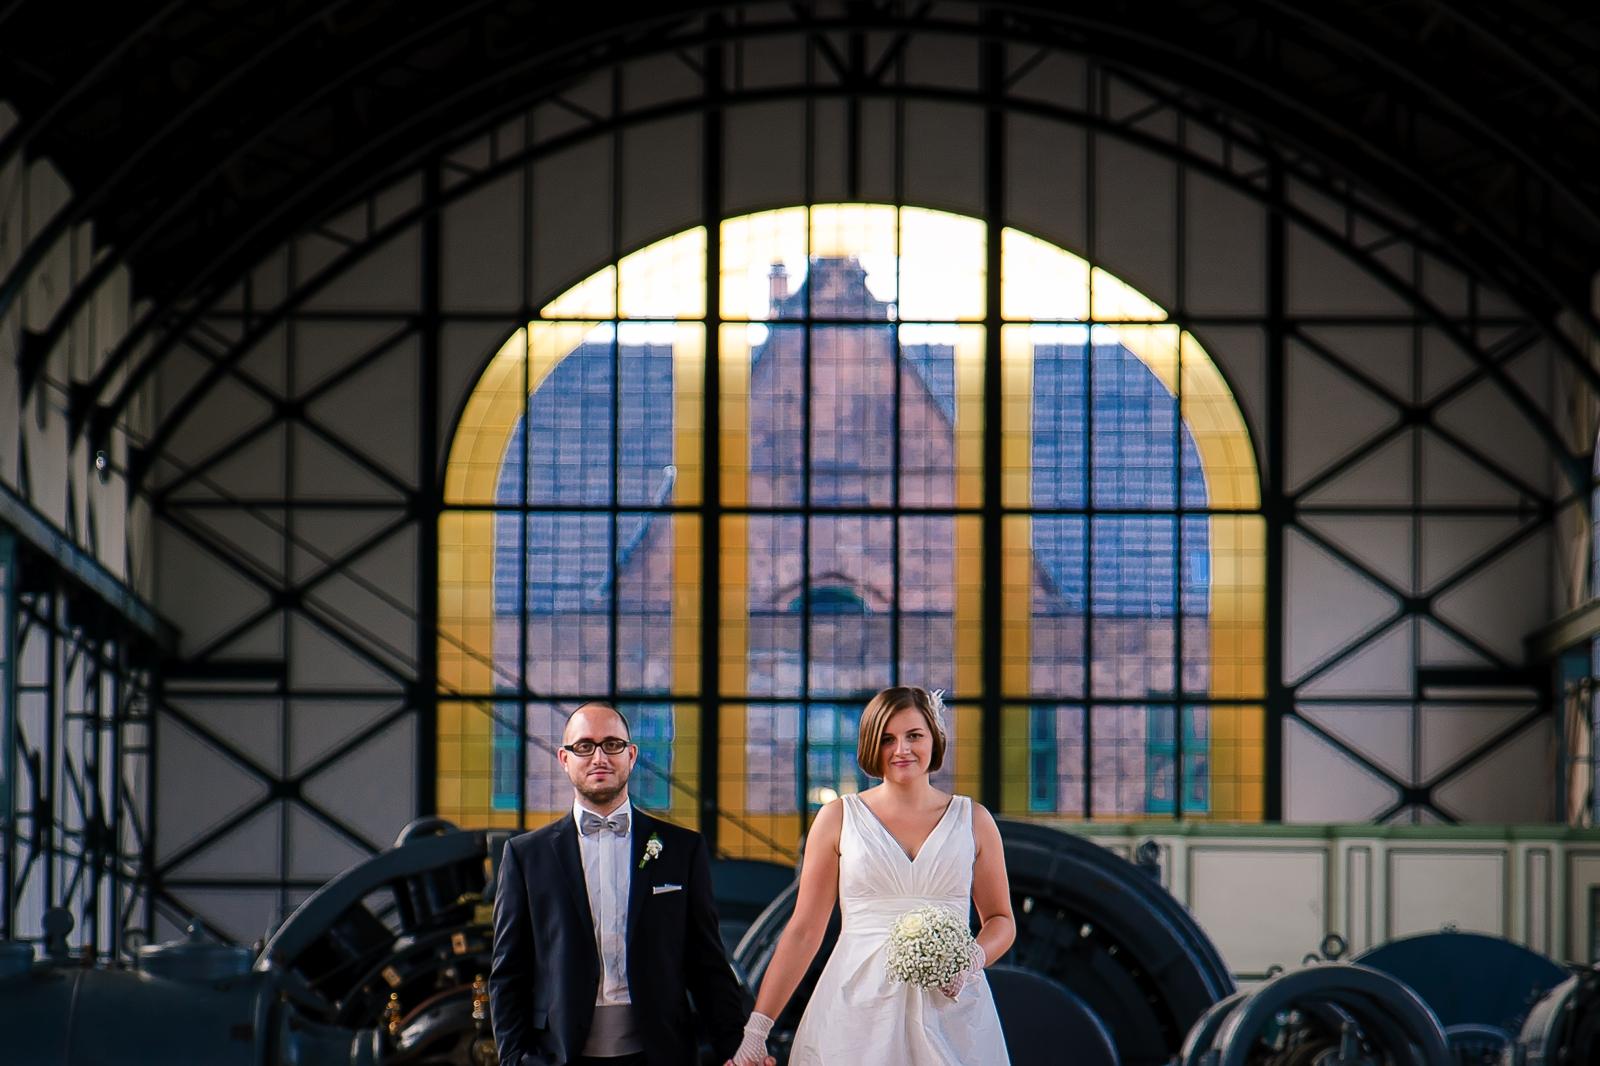 Monstergraphie_Hochzeitsreportage_Dortmund_Zeche_Zollern26.jpg?fit=1600%2C1066